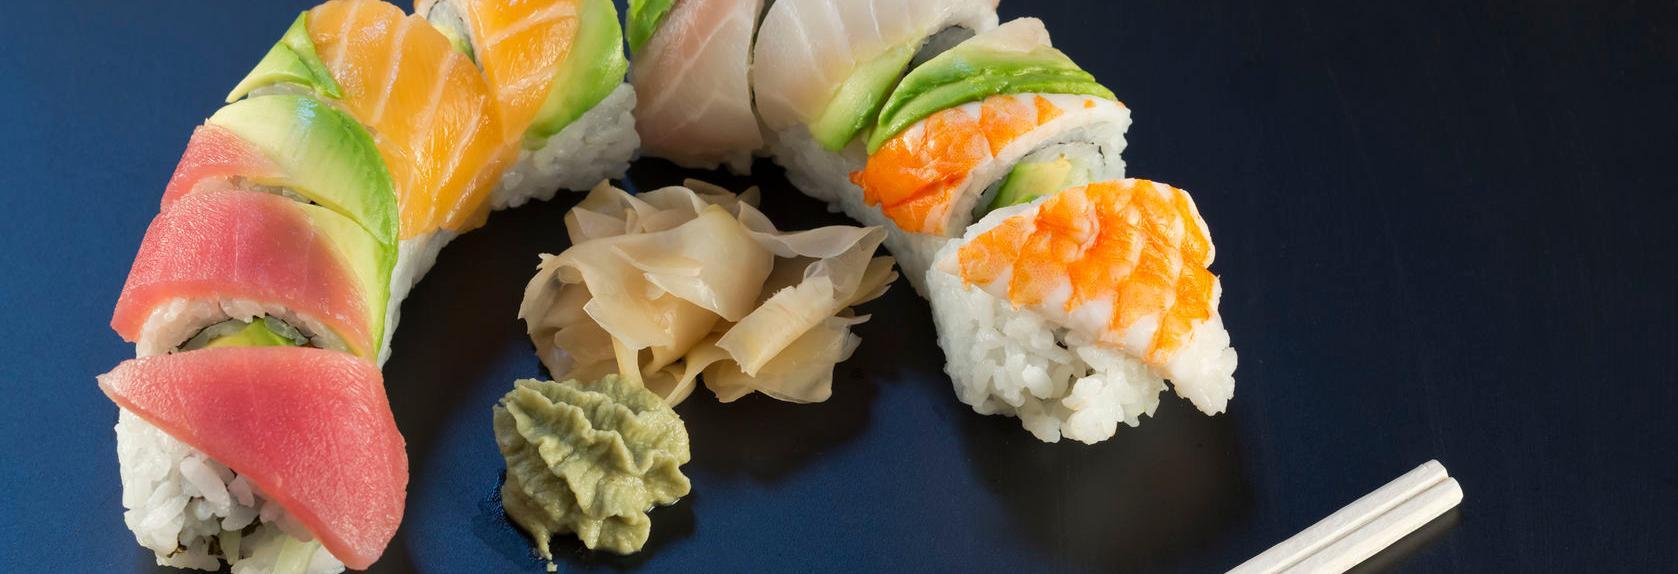 sushi,sushi bar,japanese,steakhouse,chinese cuisine,japanese cuisine, shanggri la inn, sampan